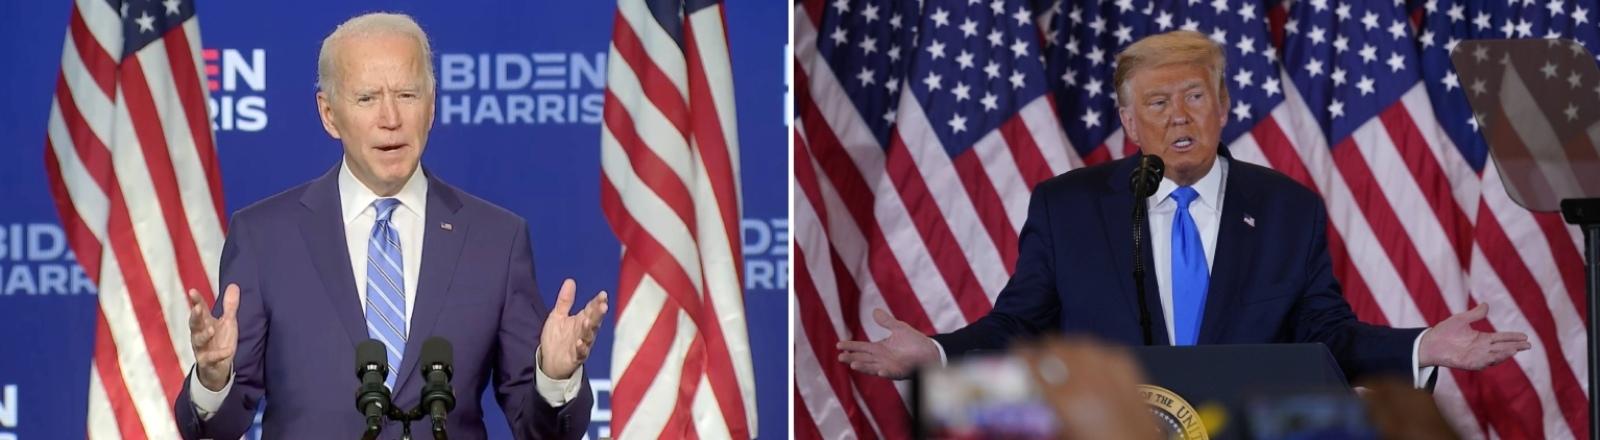 Nach der Wahl: Der demokratische Herausforderer Joe Biden und der republikanische Amtsinhaber Donald Trump